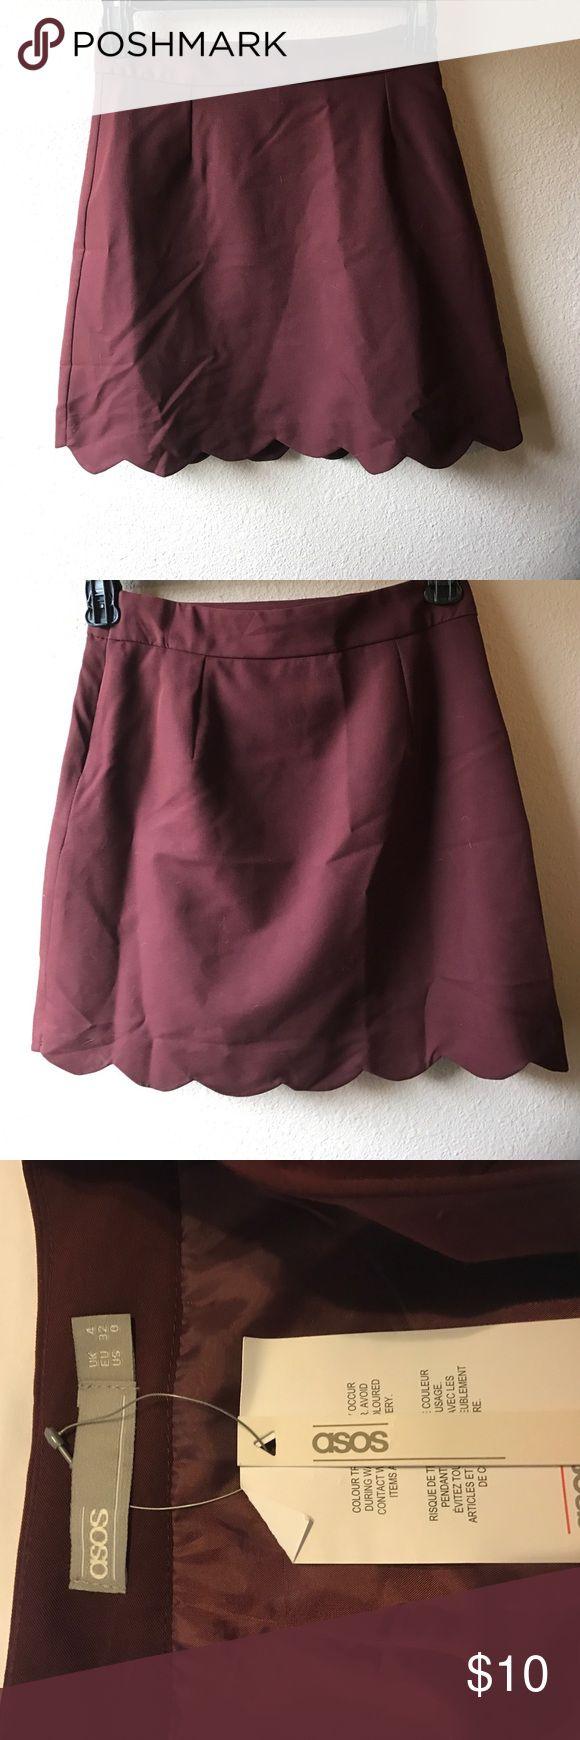 NWT ASOS maroon scalloped mini skirt NWT ASOS maroon scalloped skirt. Size 0. ASOS Skirts Mini